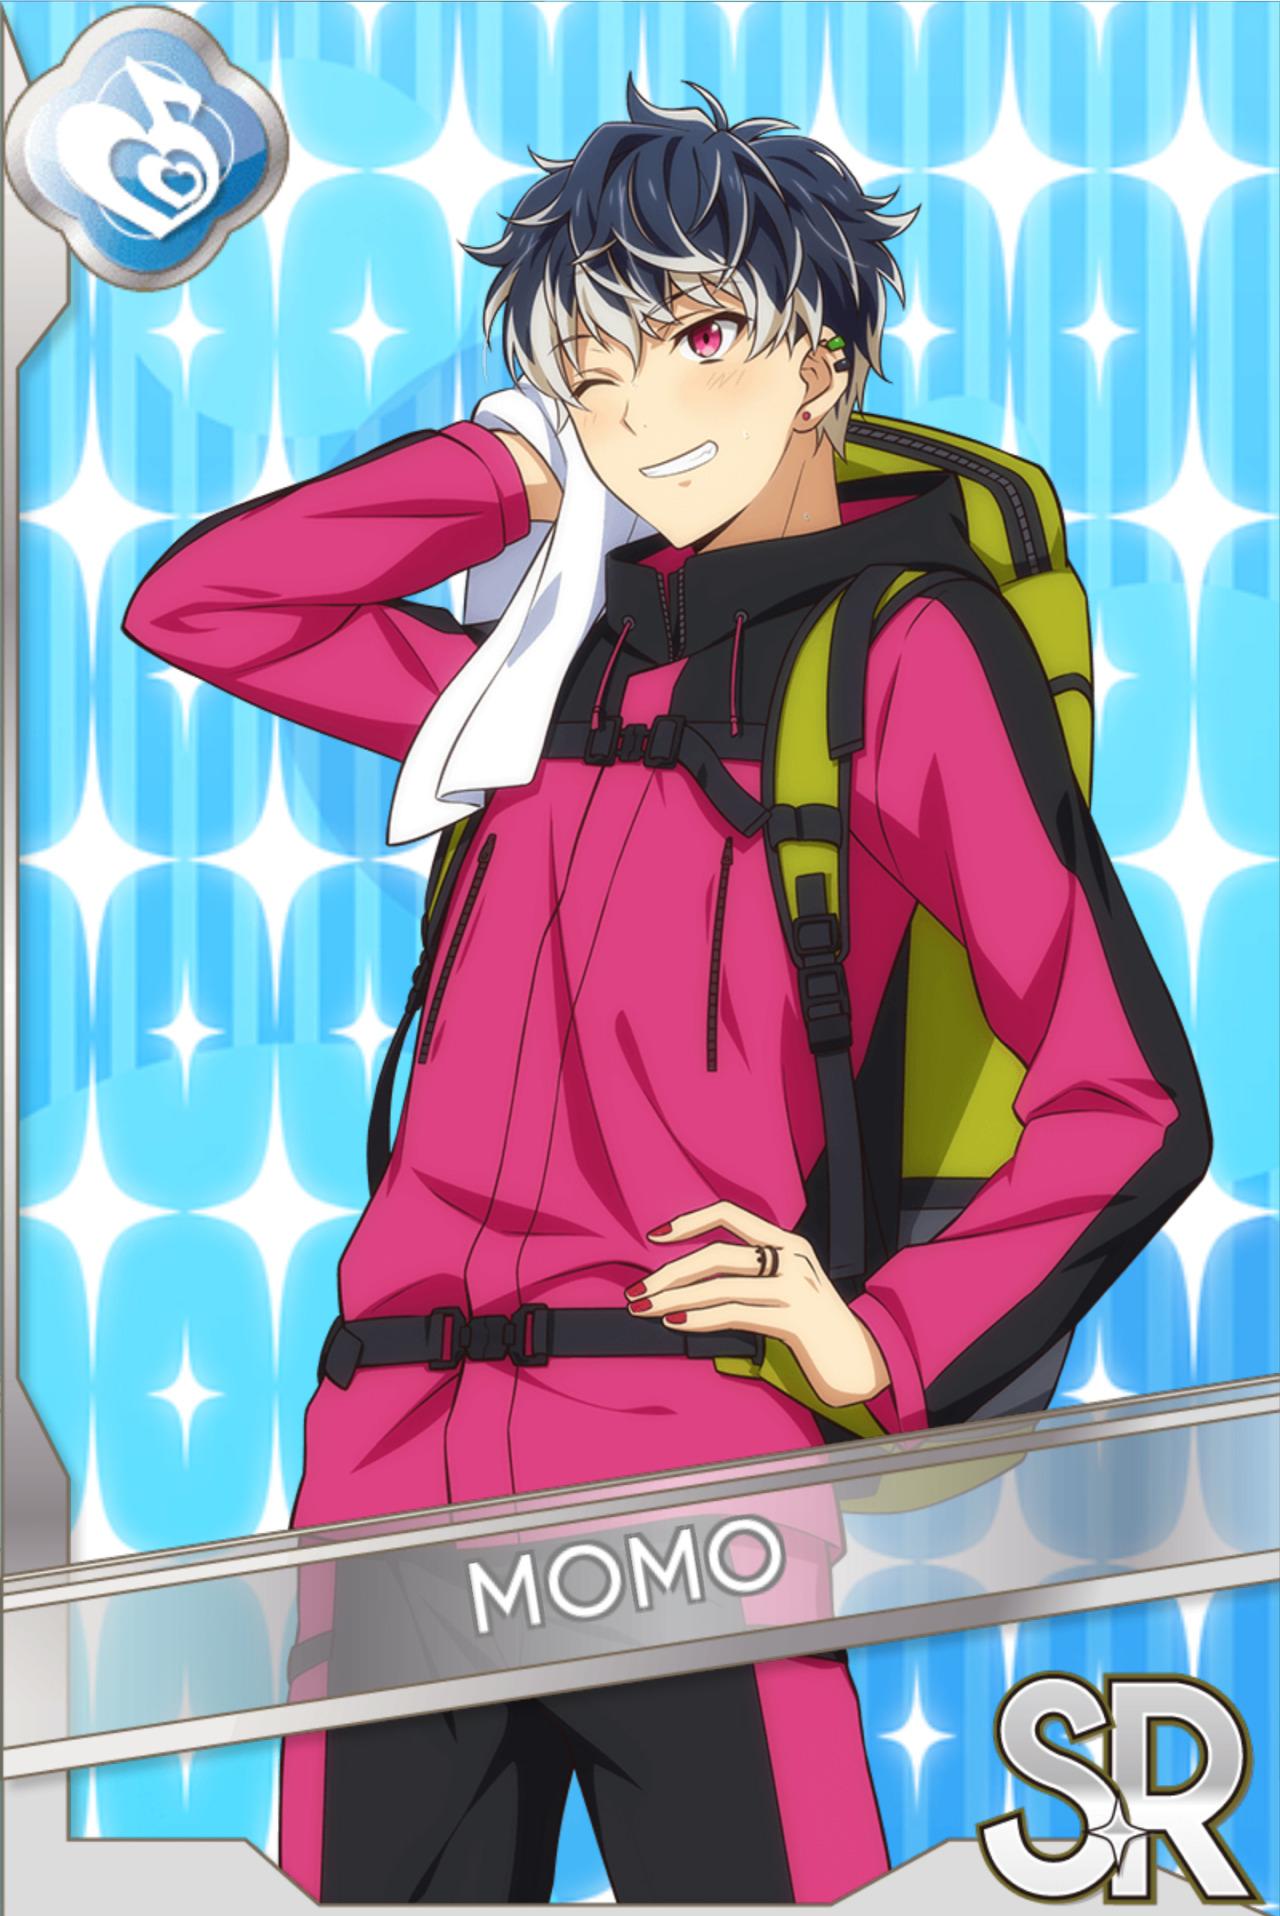 Momo (Work)